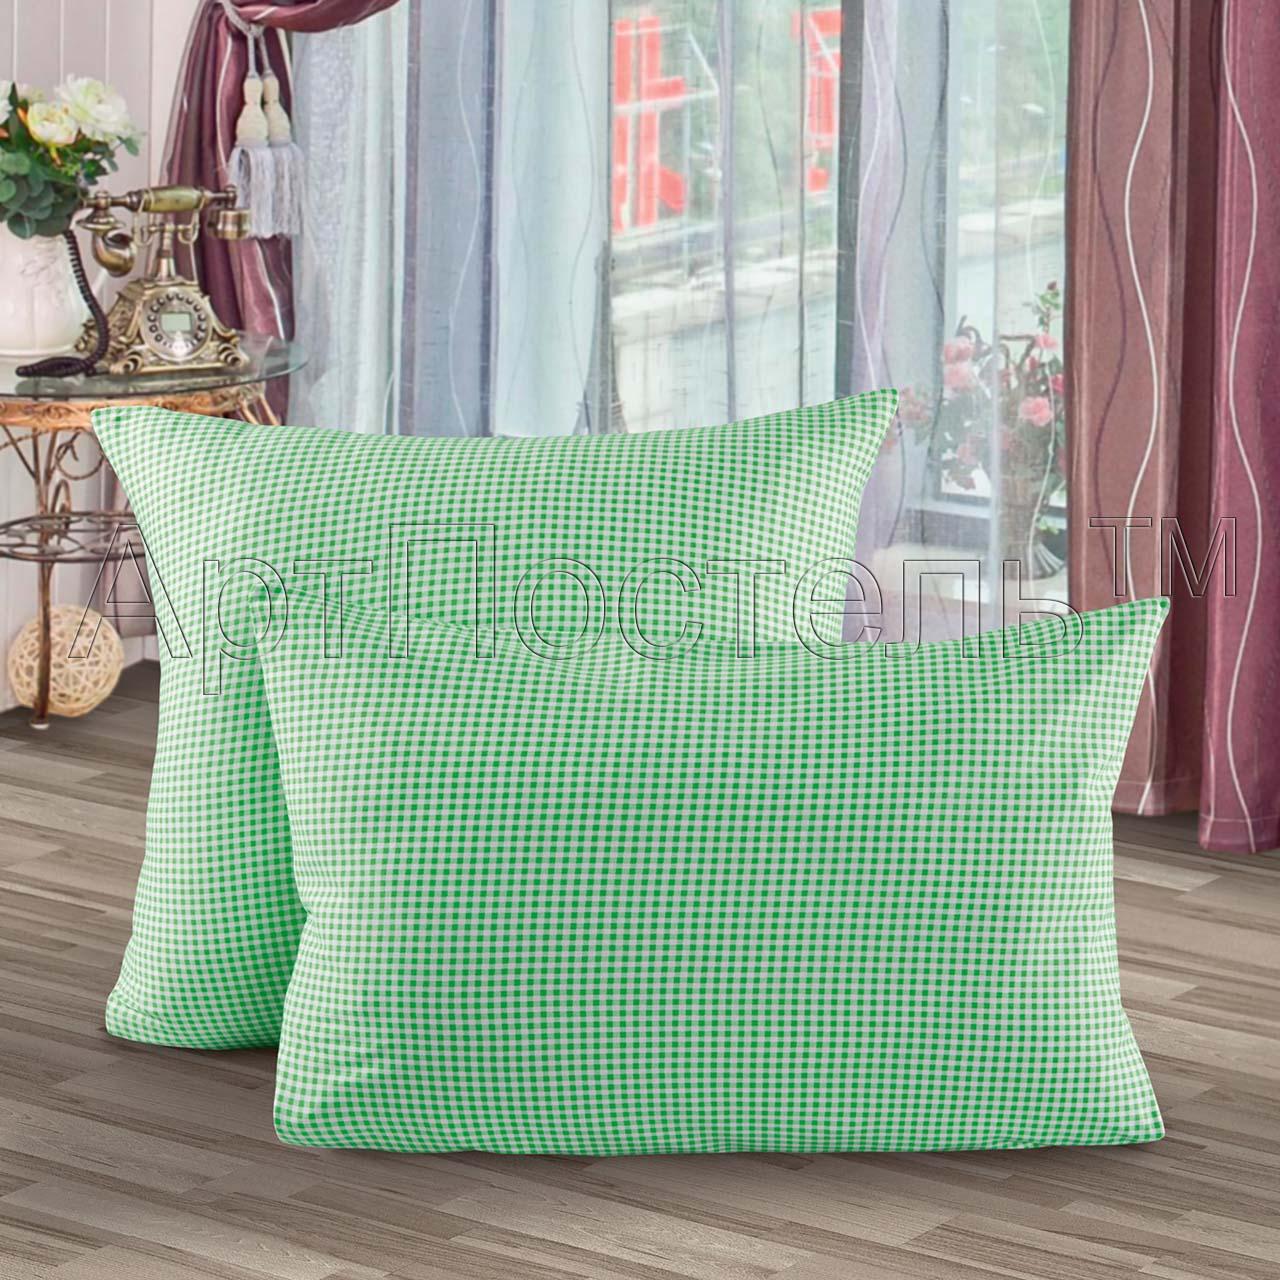 Наволочки  Клетка  Зеленый р. 70х70 - Постельное белье артикул: 26993